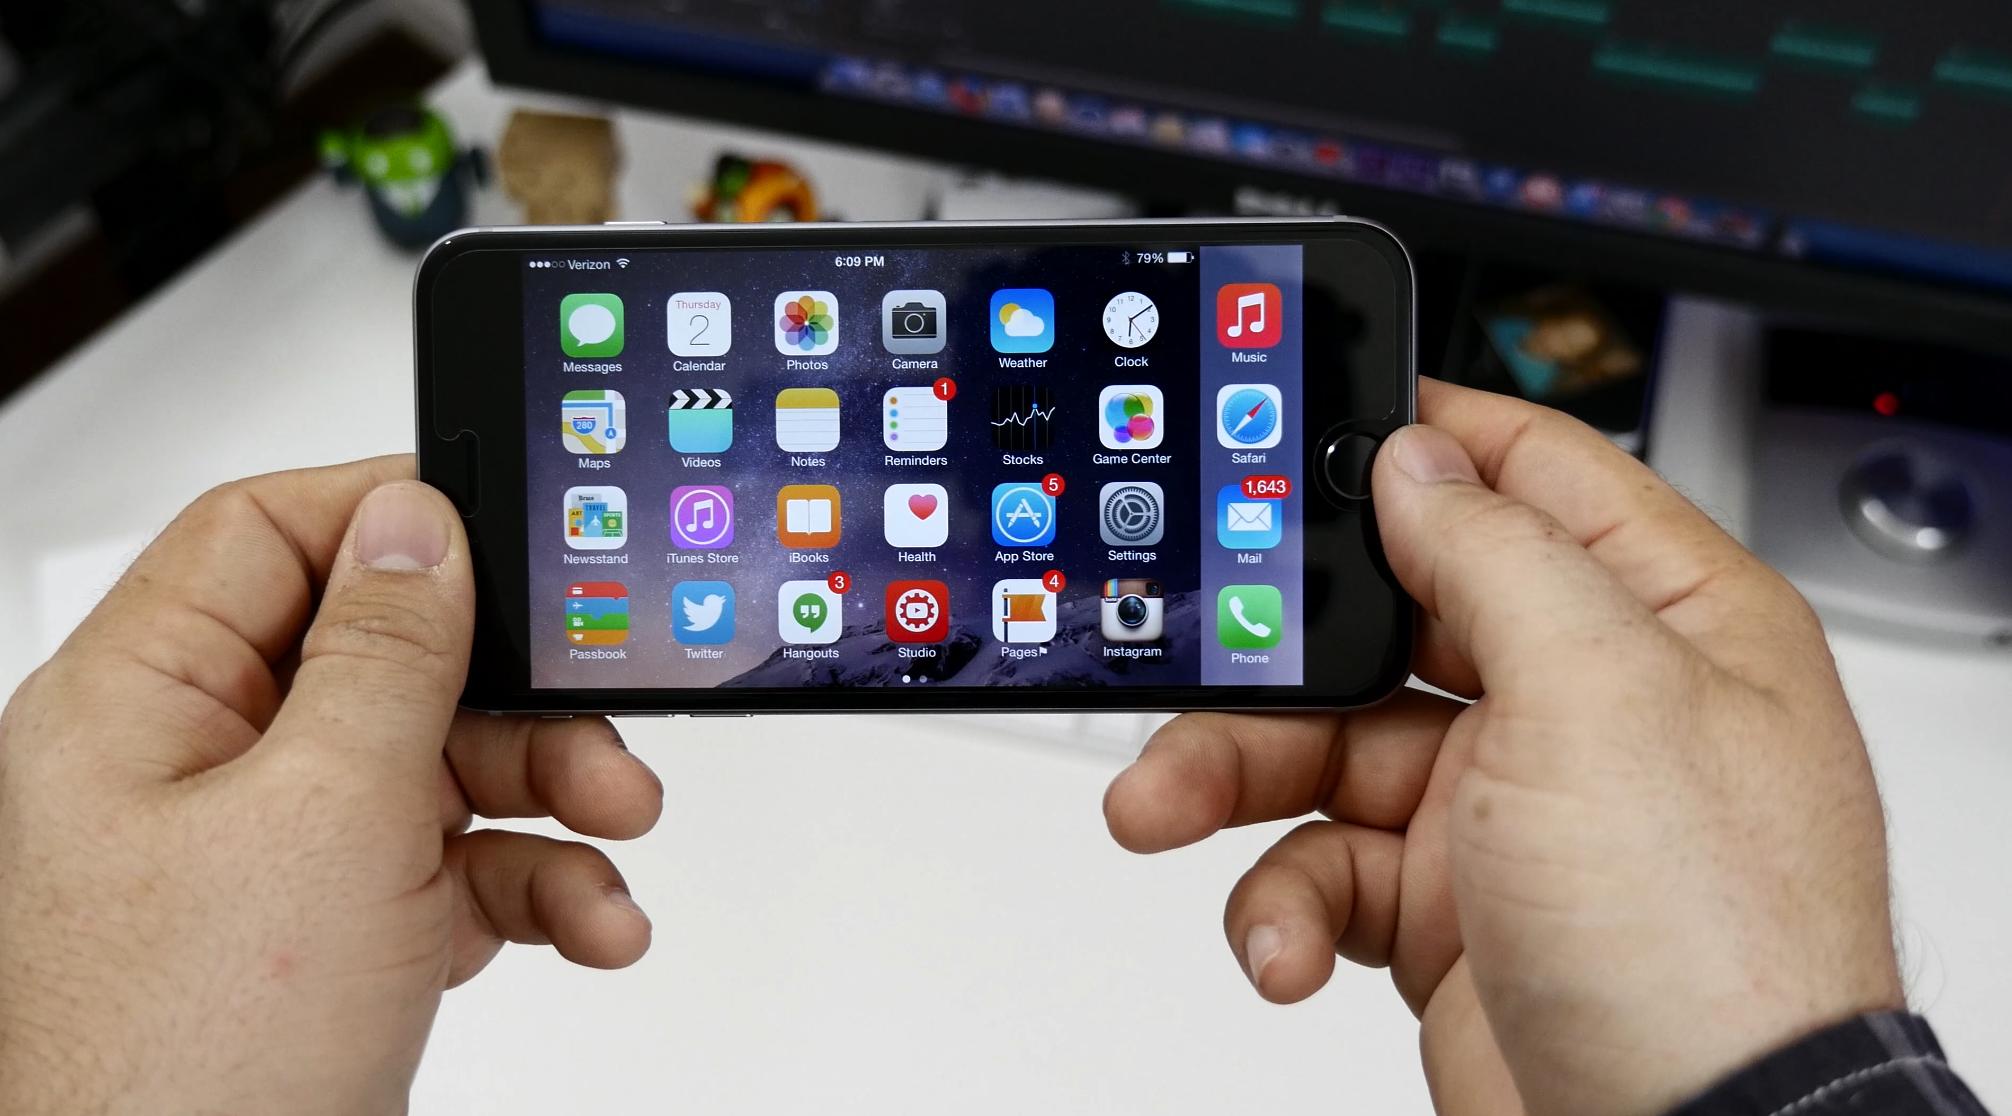 Come disinstallare le applicazioni iPhone, iPad e iPod 2